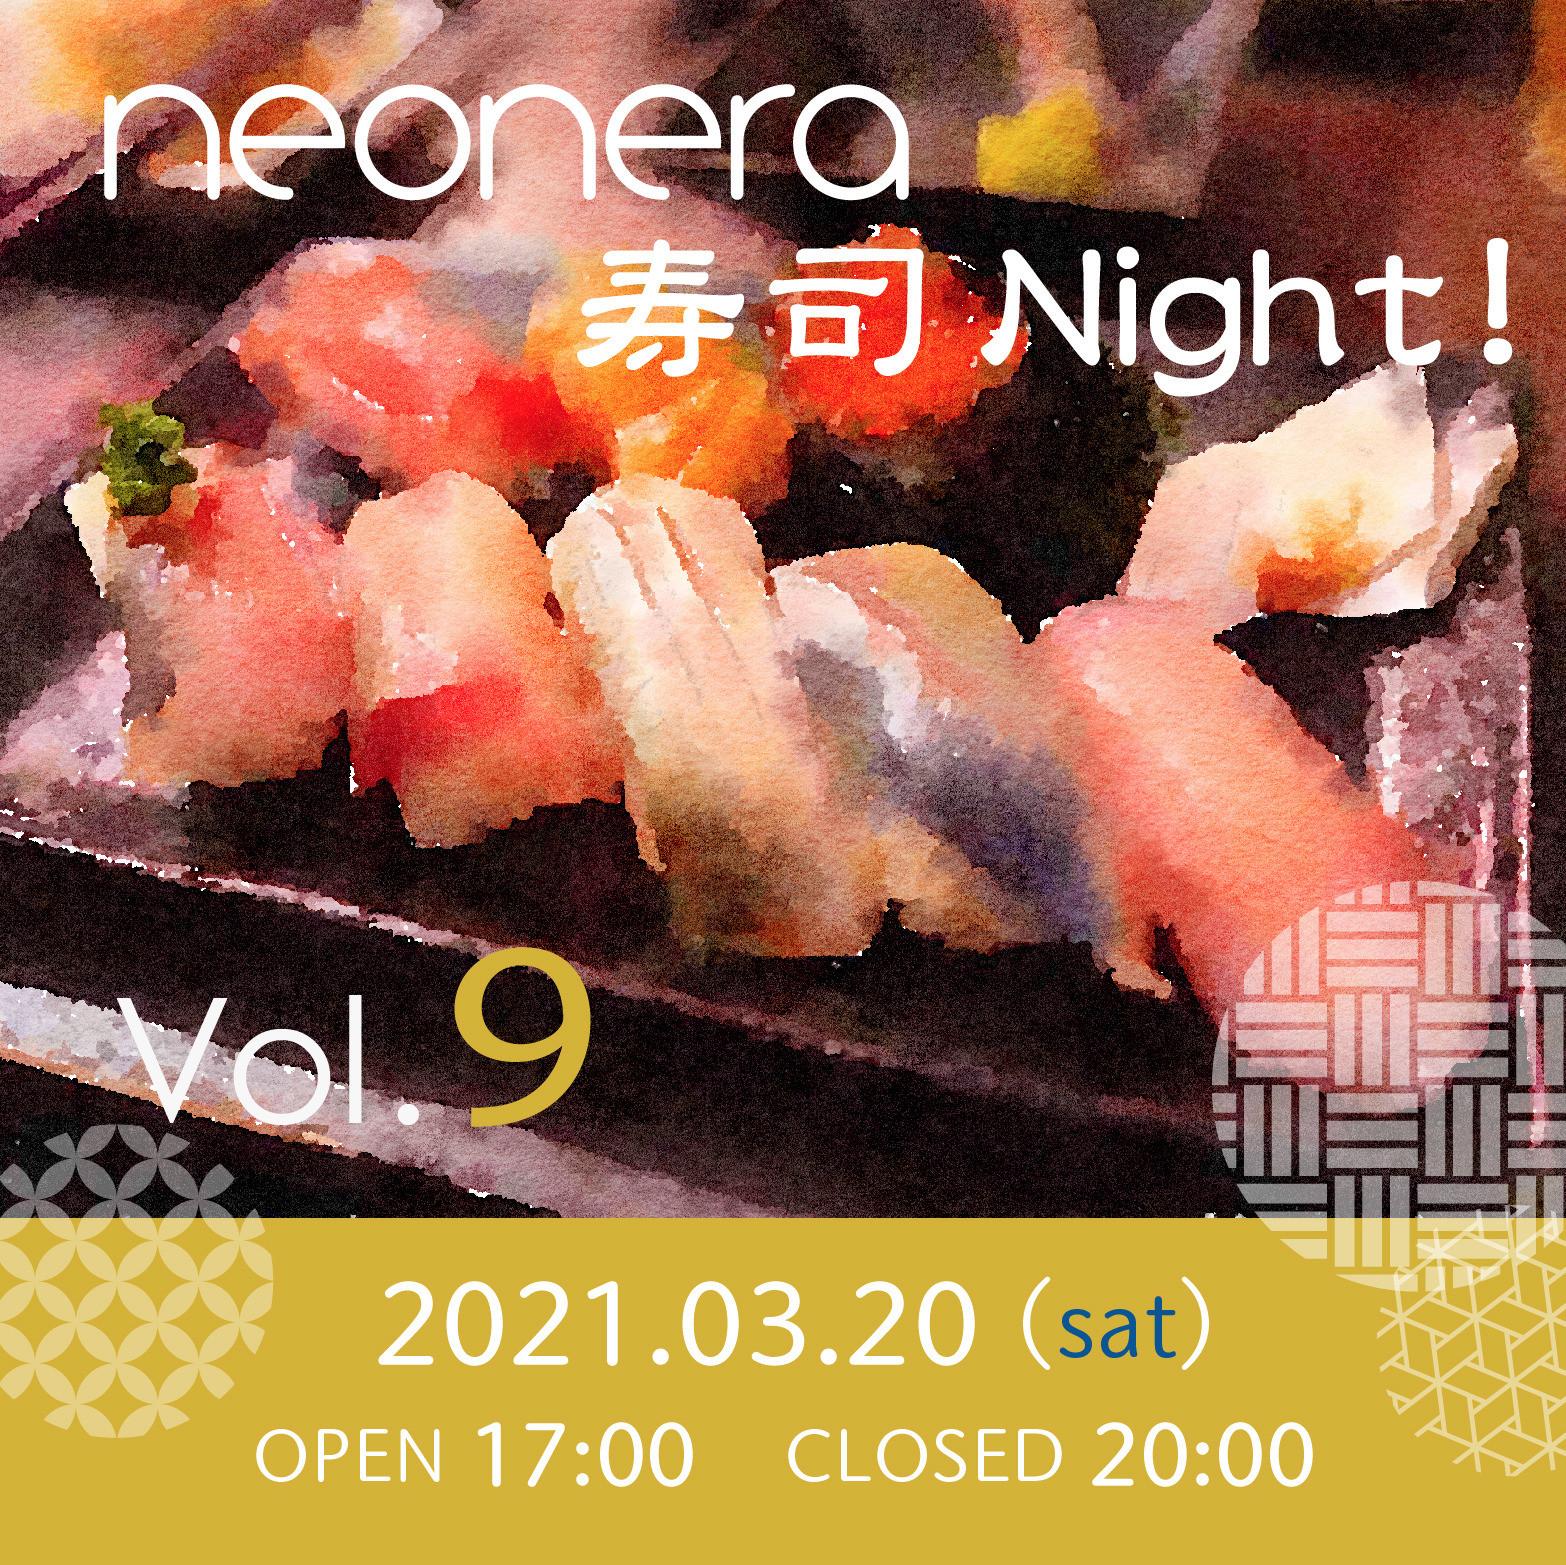 3月20日(土)寿司night Vol.9